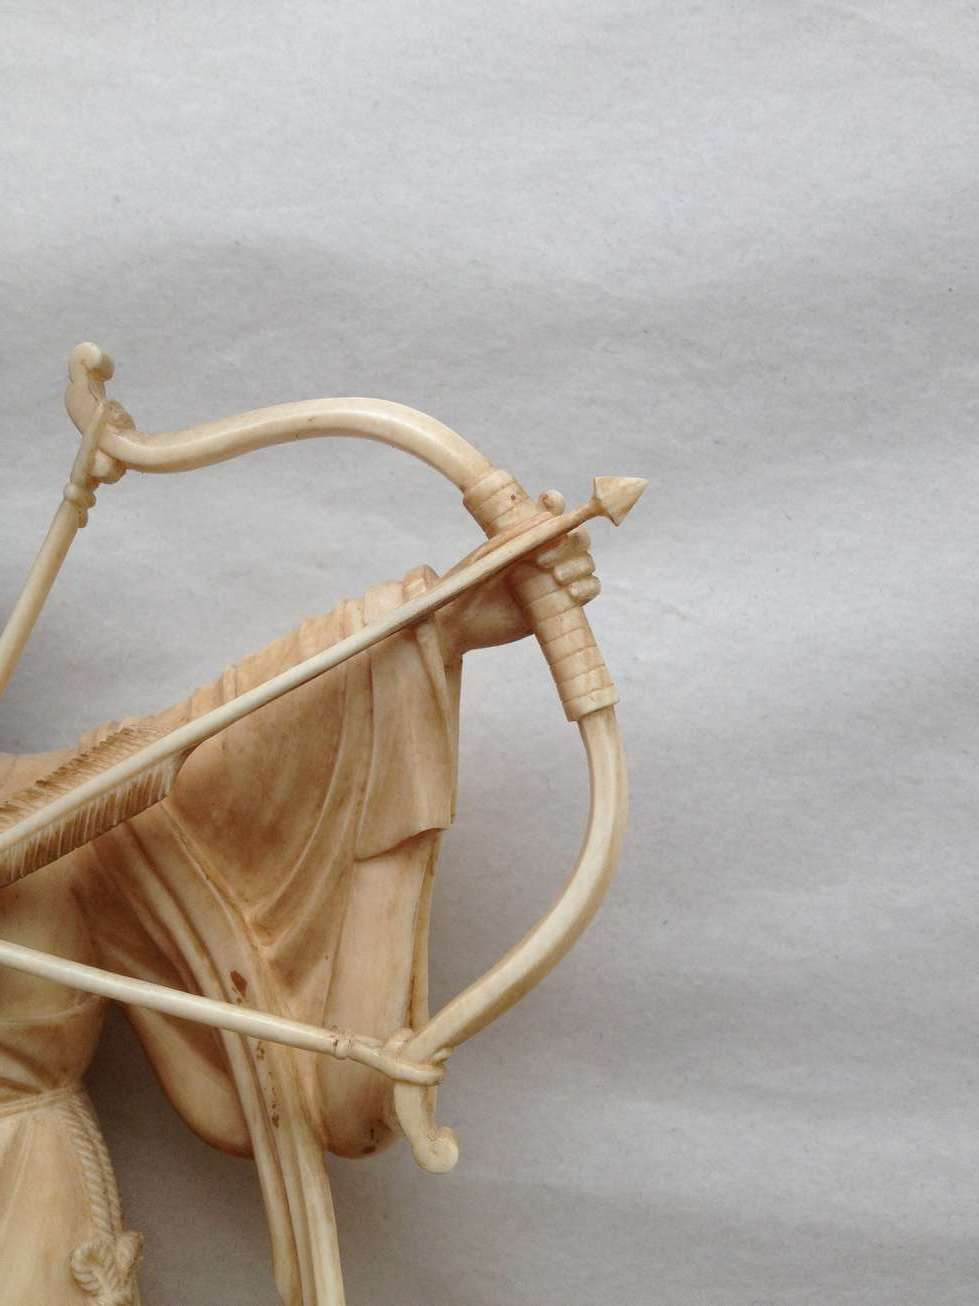 restauration-invisible-illusionniste-comblement-retouche-ivoire-art-restaurarte.jpg